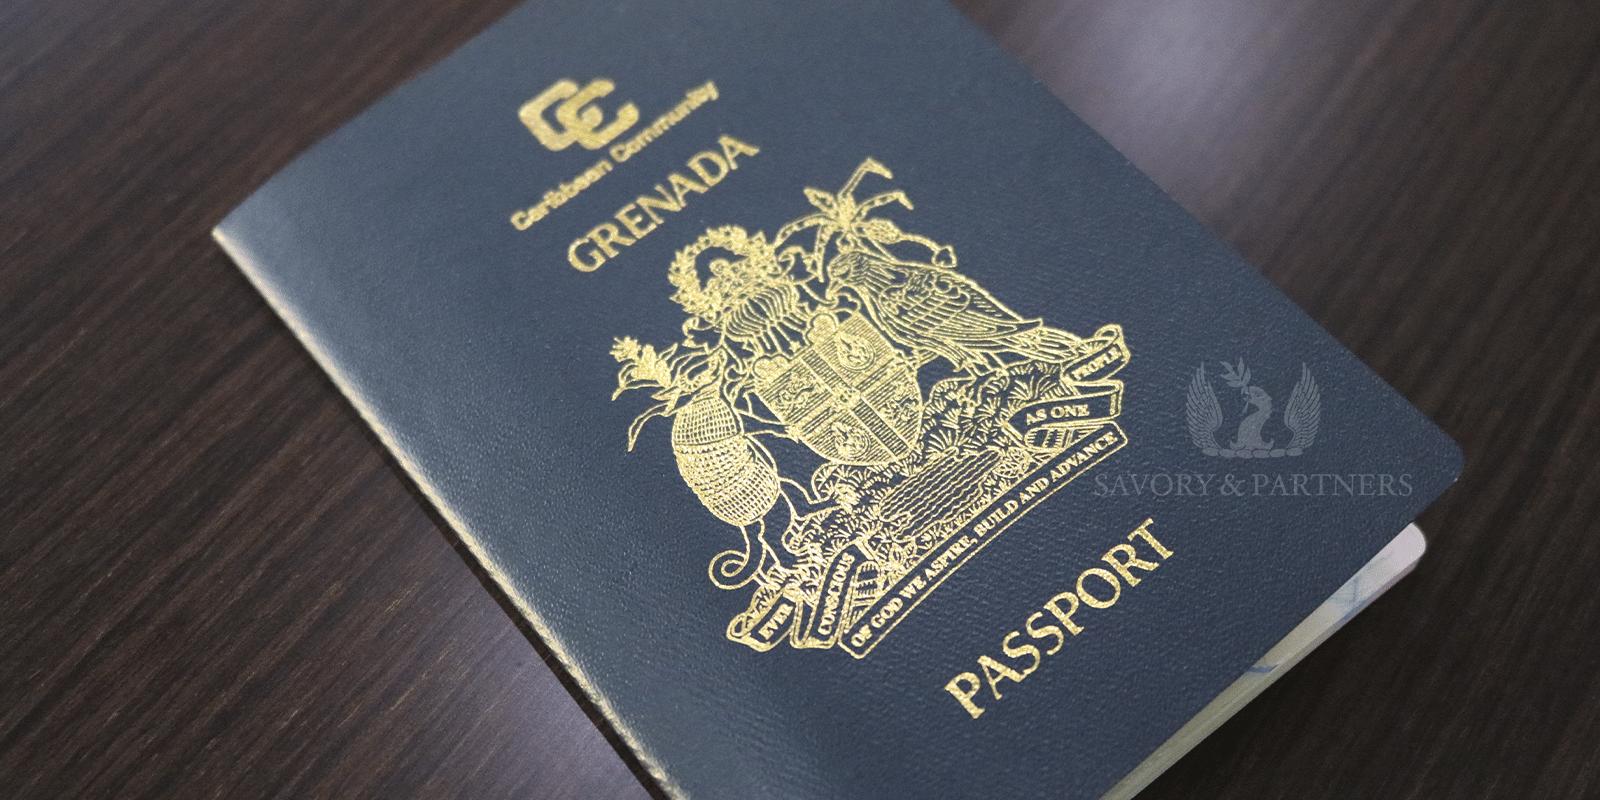 Grenada Passport - Savory & Partners